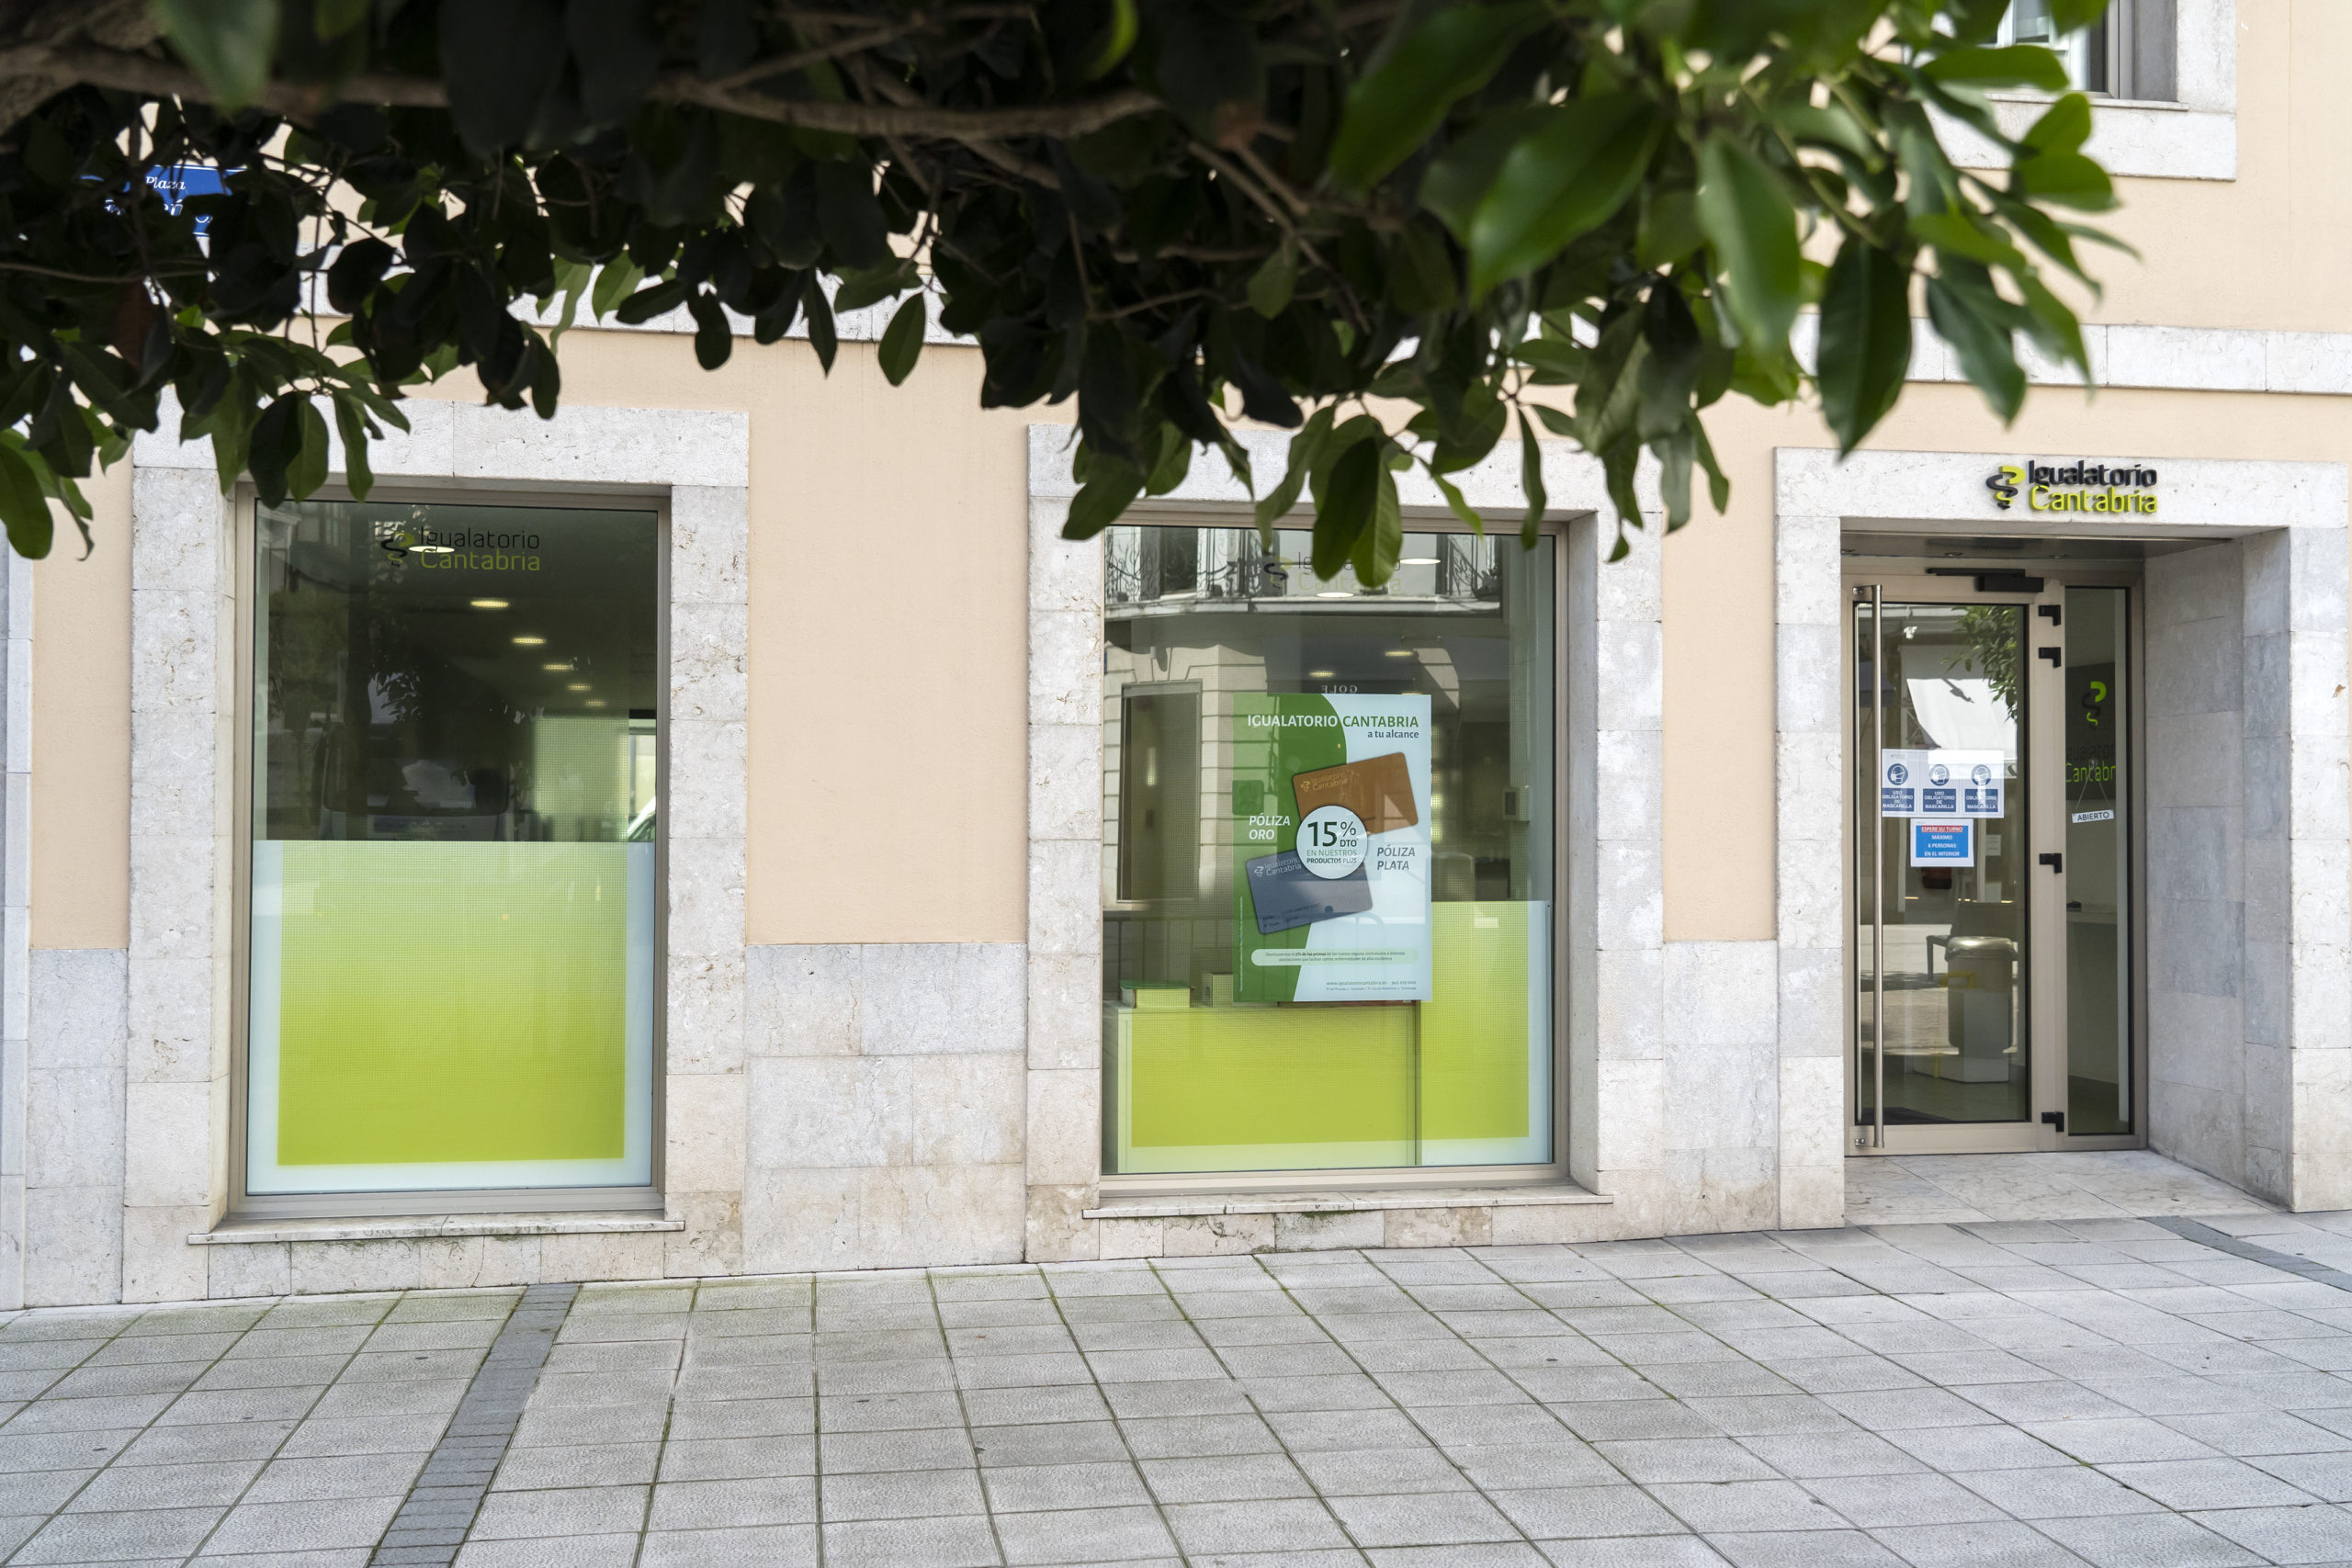 Vista De La Publicidad En Los Ventanales  Exteriores De Las Oficinas Del Igualatorio En Santander.